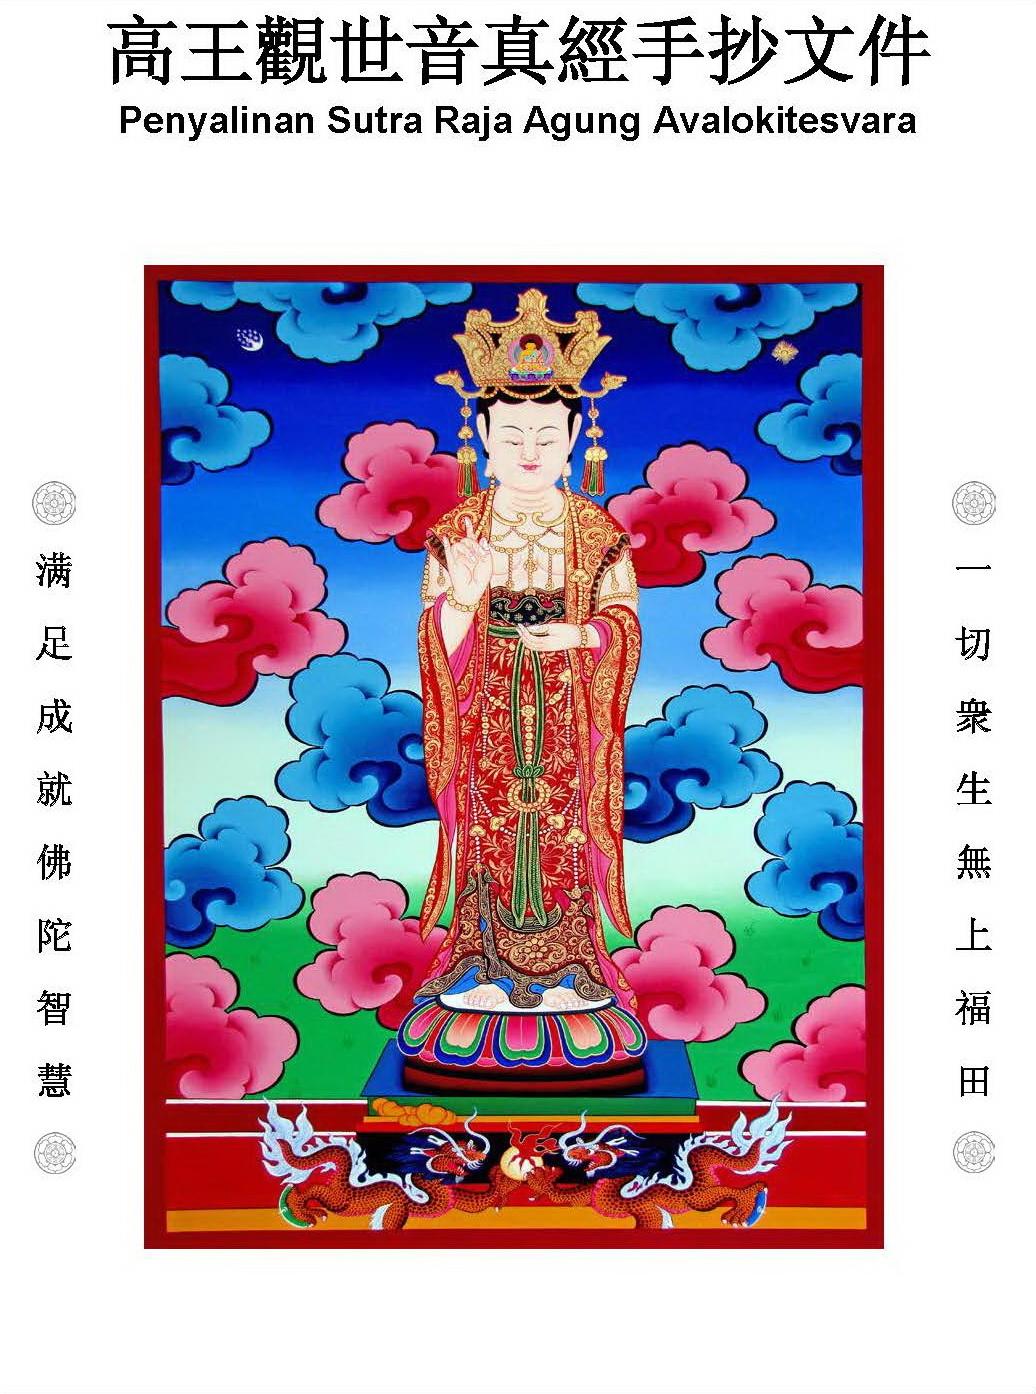 Penyalinan Sutra Raja Agung Avalokitesvara